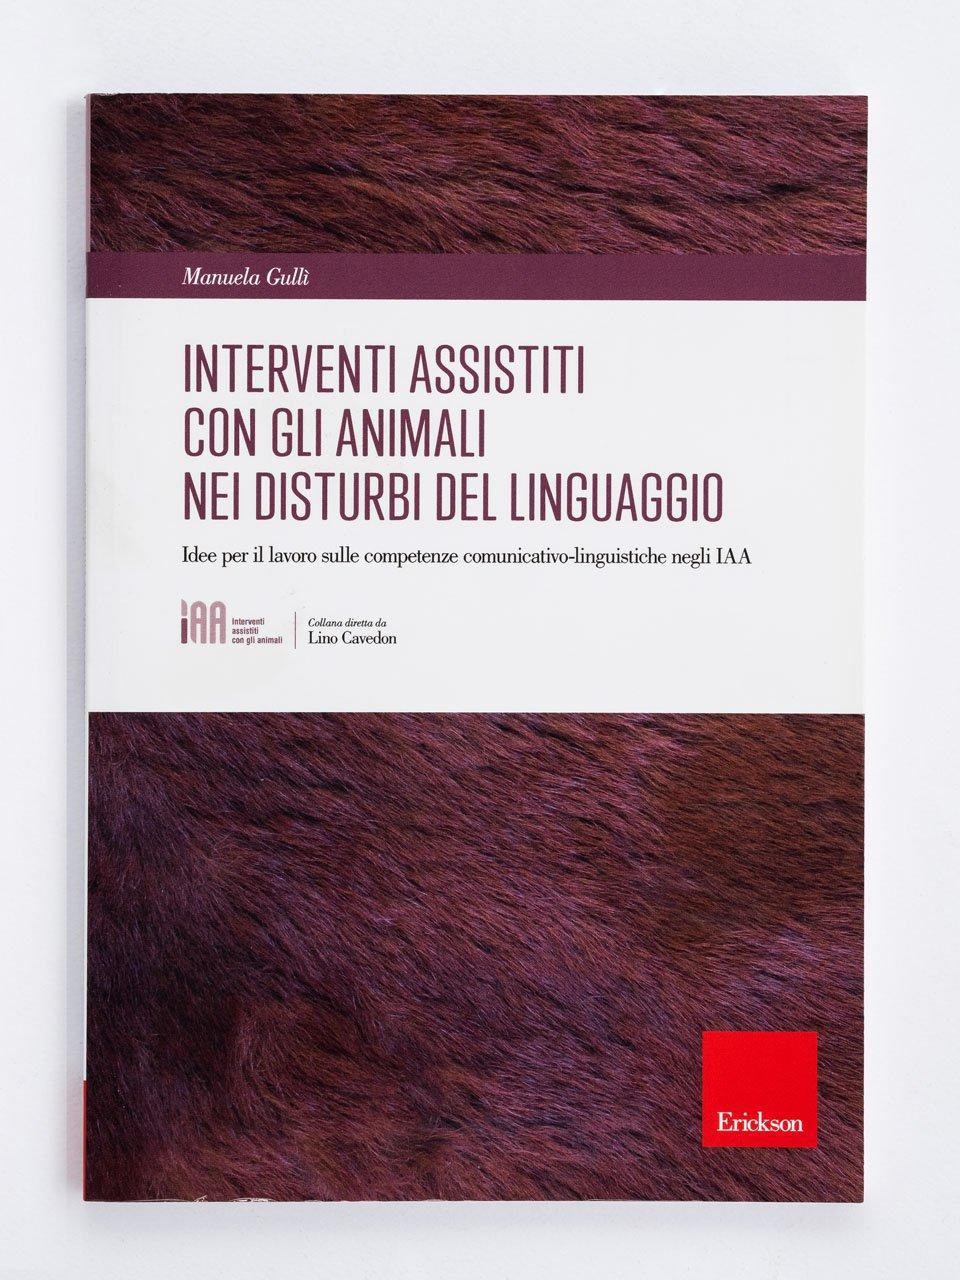 Gli interventi assistiti con gli animali nei disturbi del linguaggio - Il linguaggio simbolico in psicomotricità relazion - Libri - Erickson